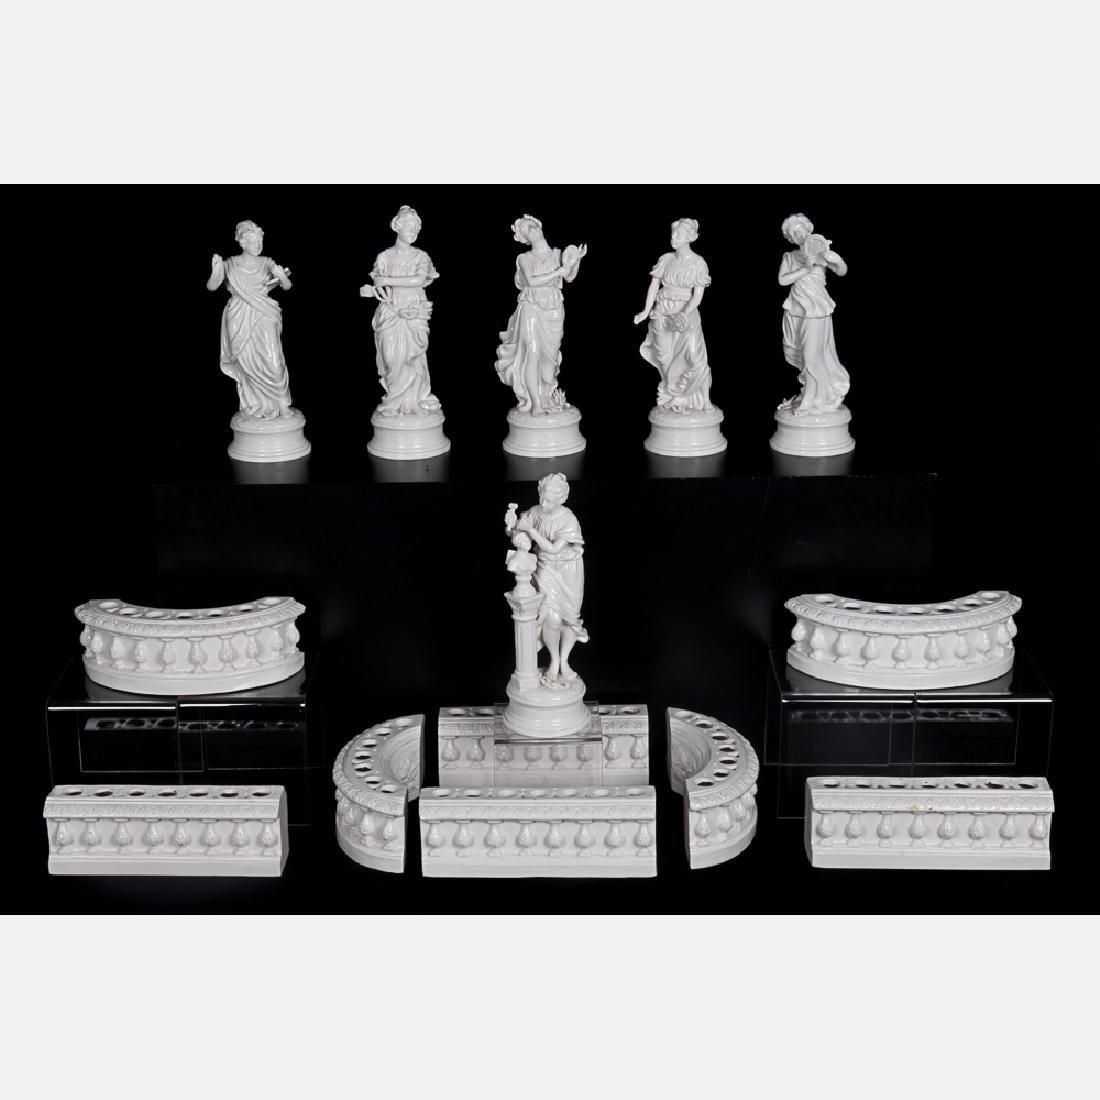 A Capodimonte Blanc de Chine Porcelain Table